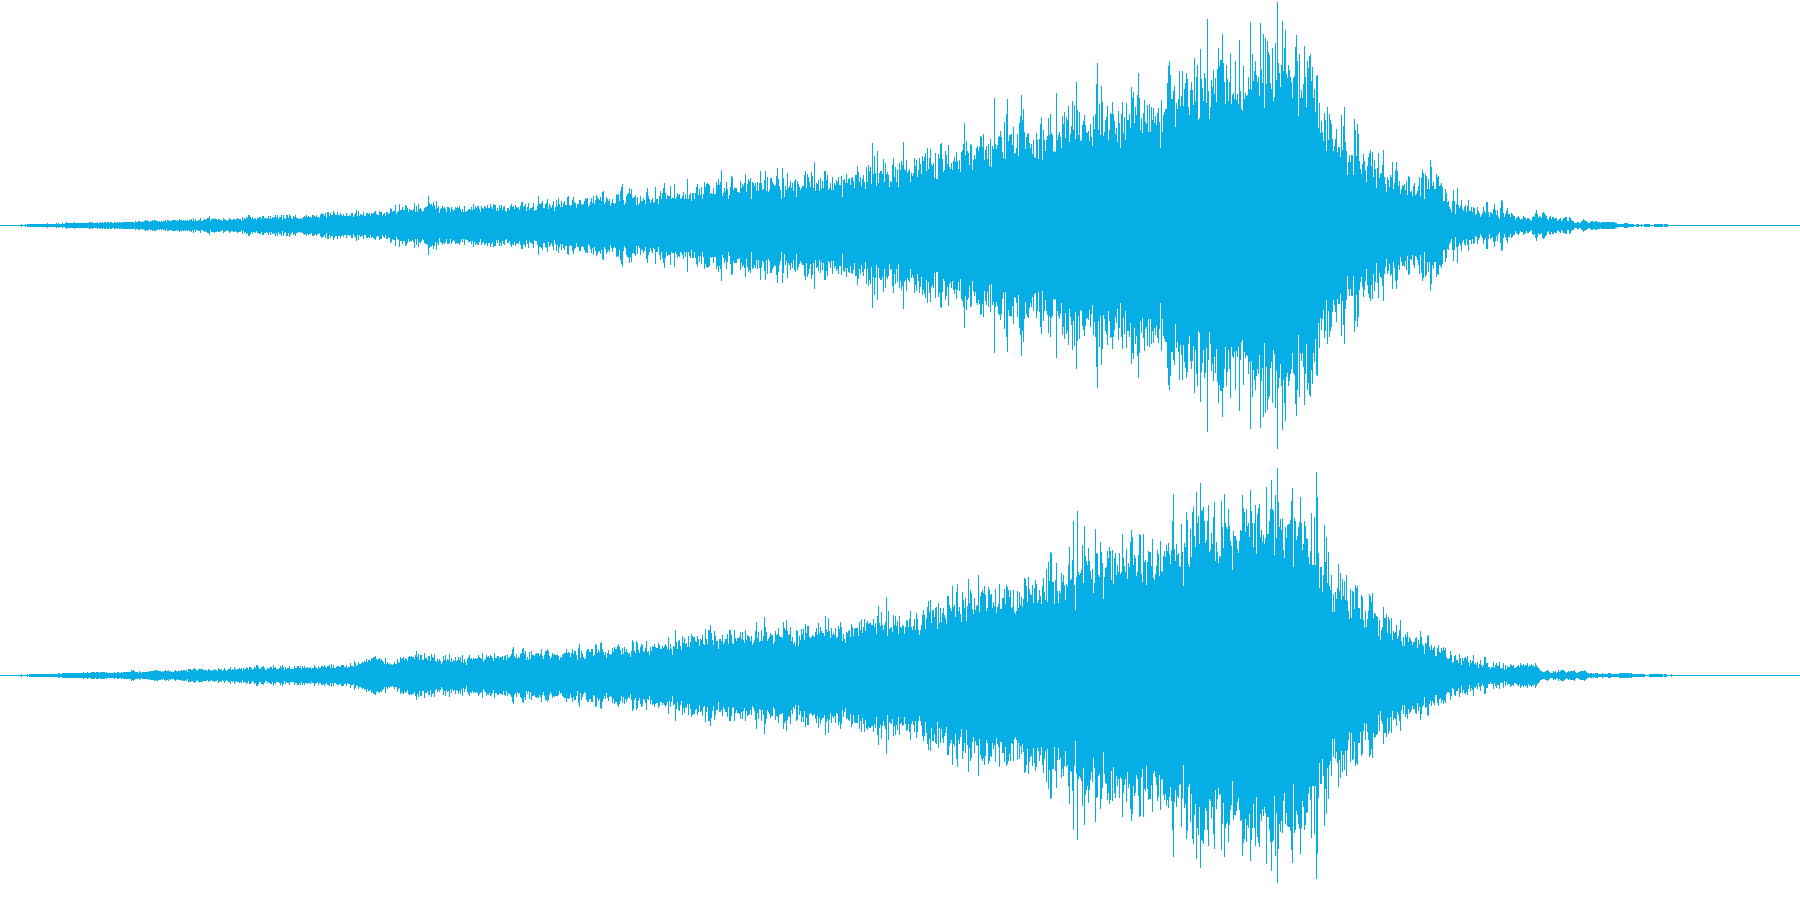 【ライザー】05 SFサウンド 宇宙の再生済みの波形